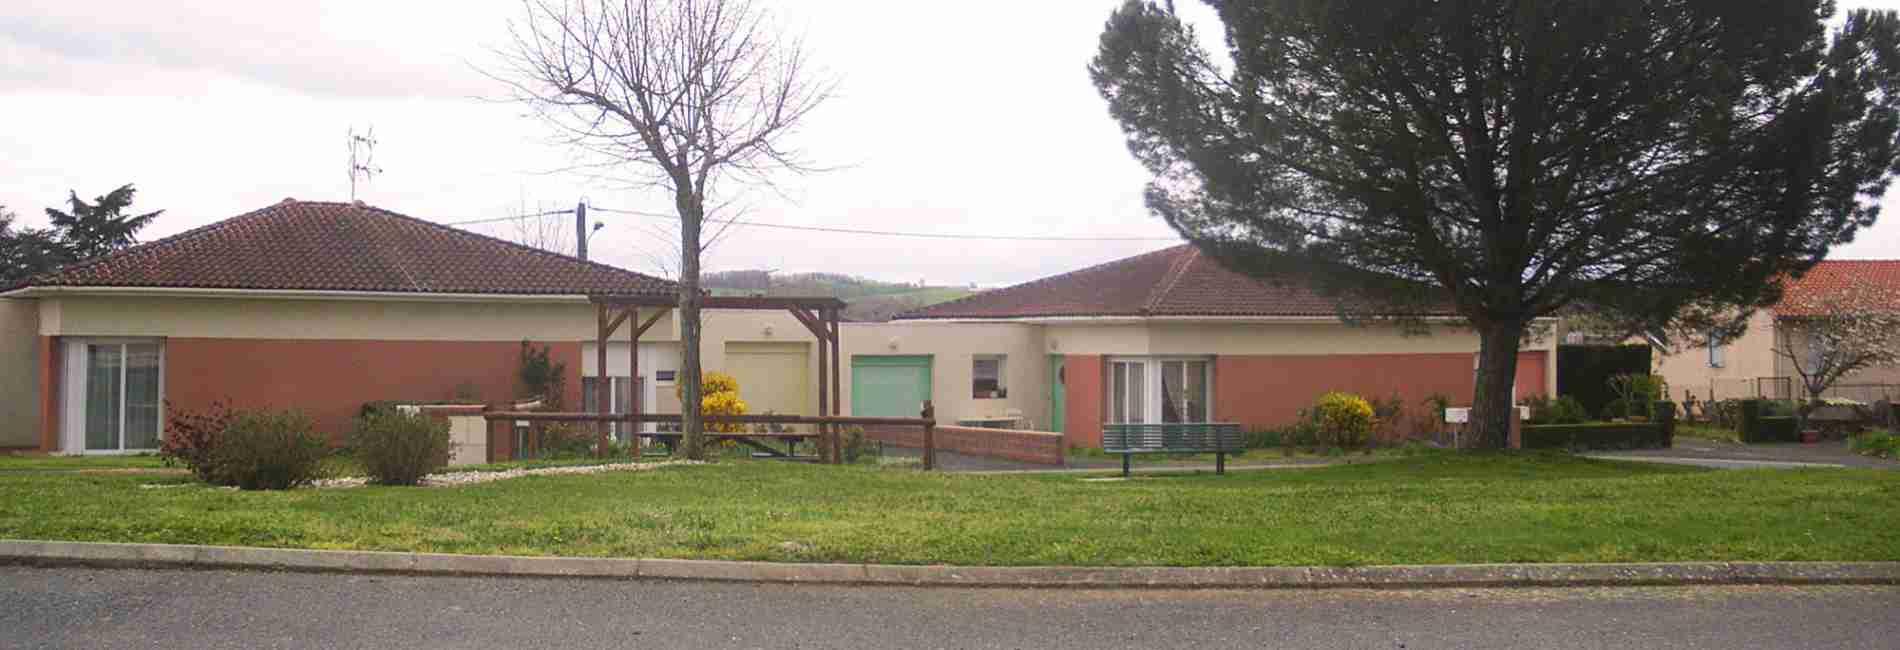 Village Soleil Mas du Courtial à Réalmont, Centre Tarn